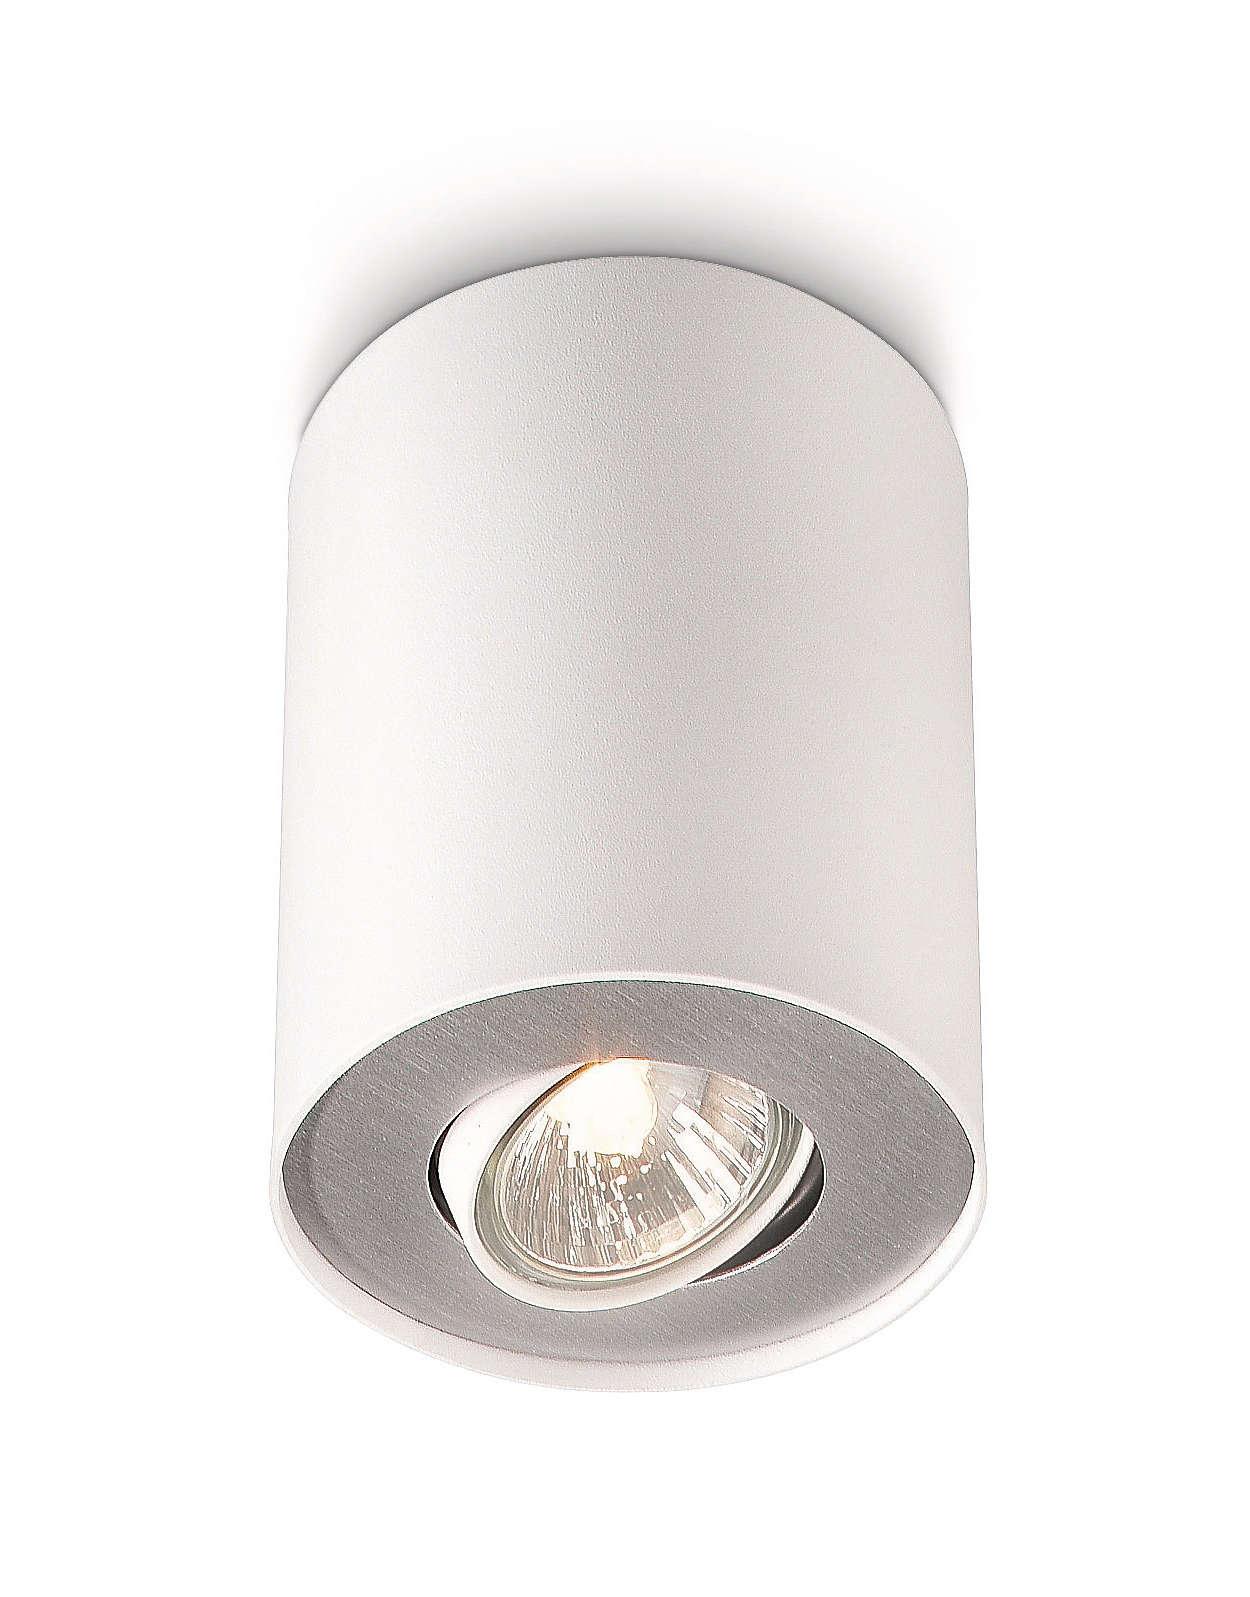 spot light 563303116 philips. Black Bedroom Furniture Sets. Home Design Ideas